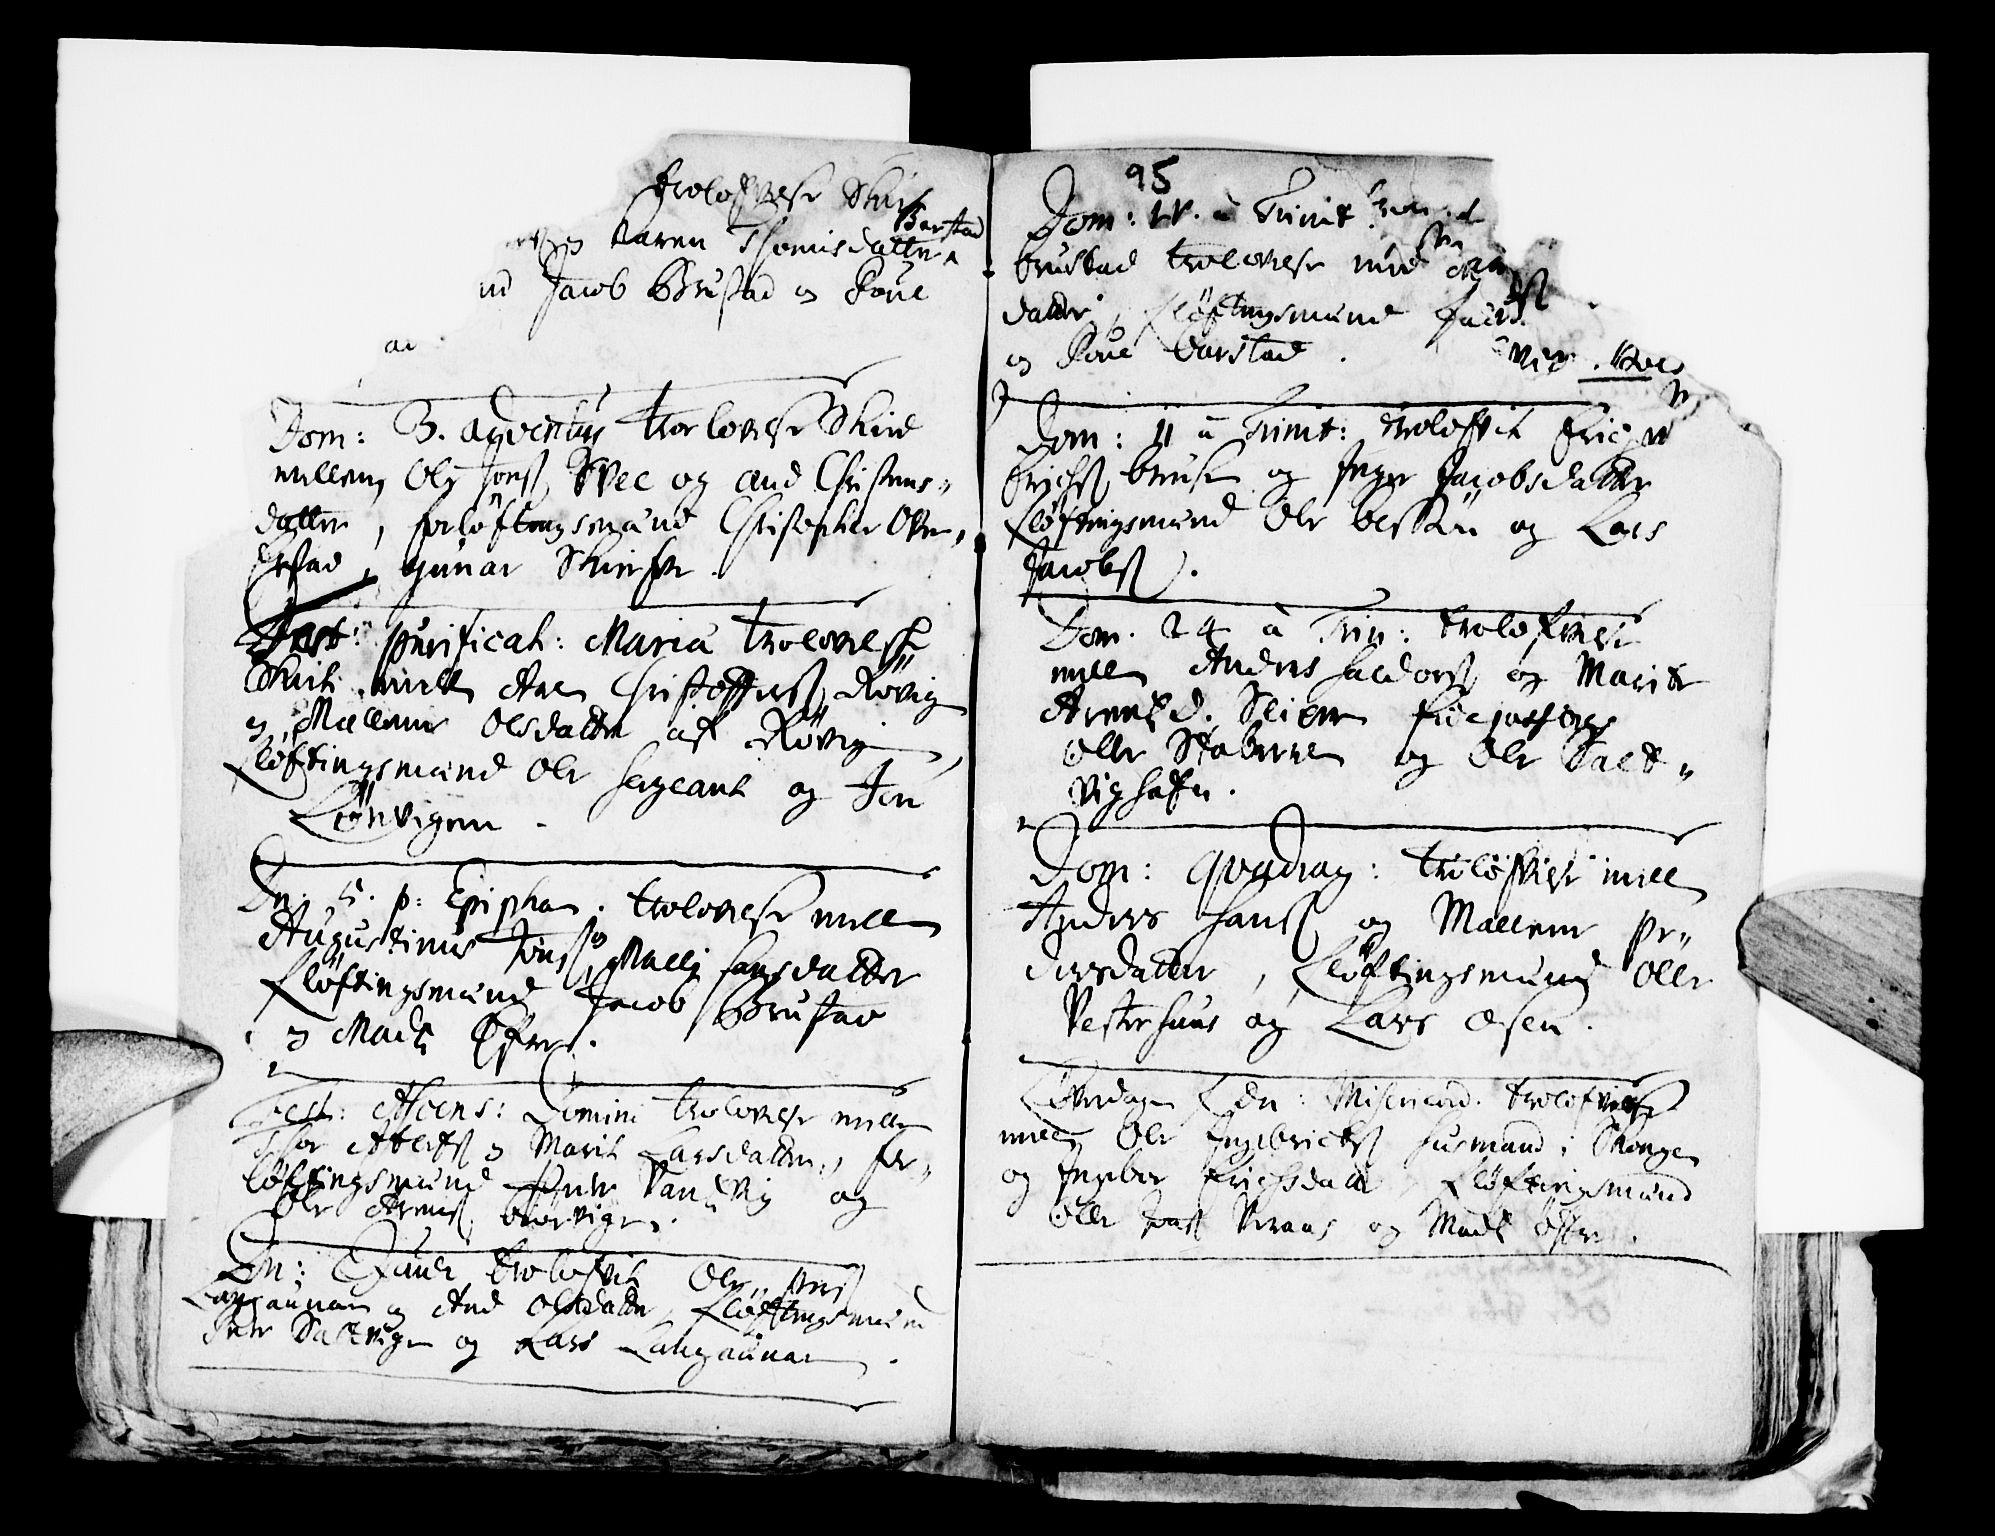 SAT, Ministerialprotokoller, klokkerbøker og fødselsregistre - Nord-Trøndelag, 722/L0214: Ministerialbok nr. 722A01, 1692-1718, s. 95